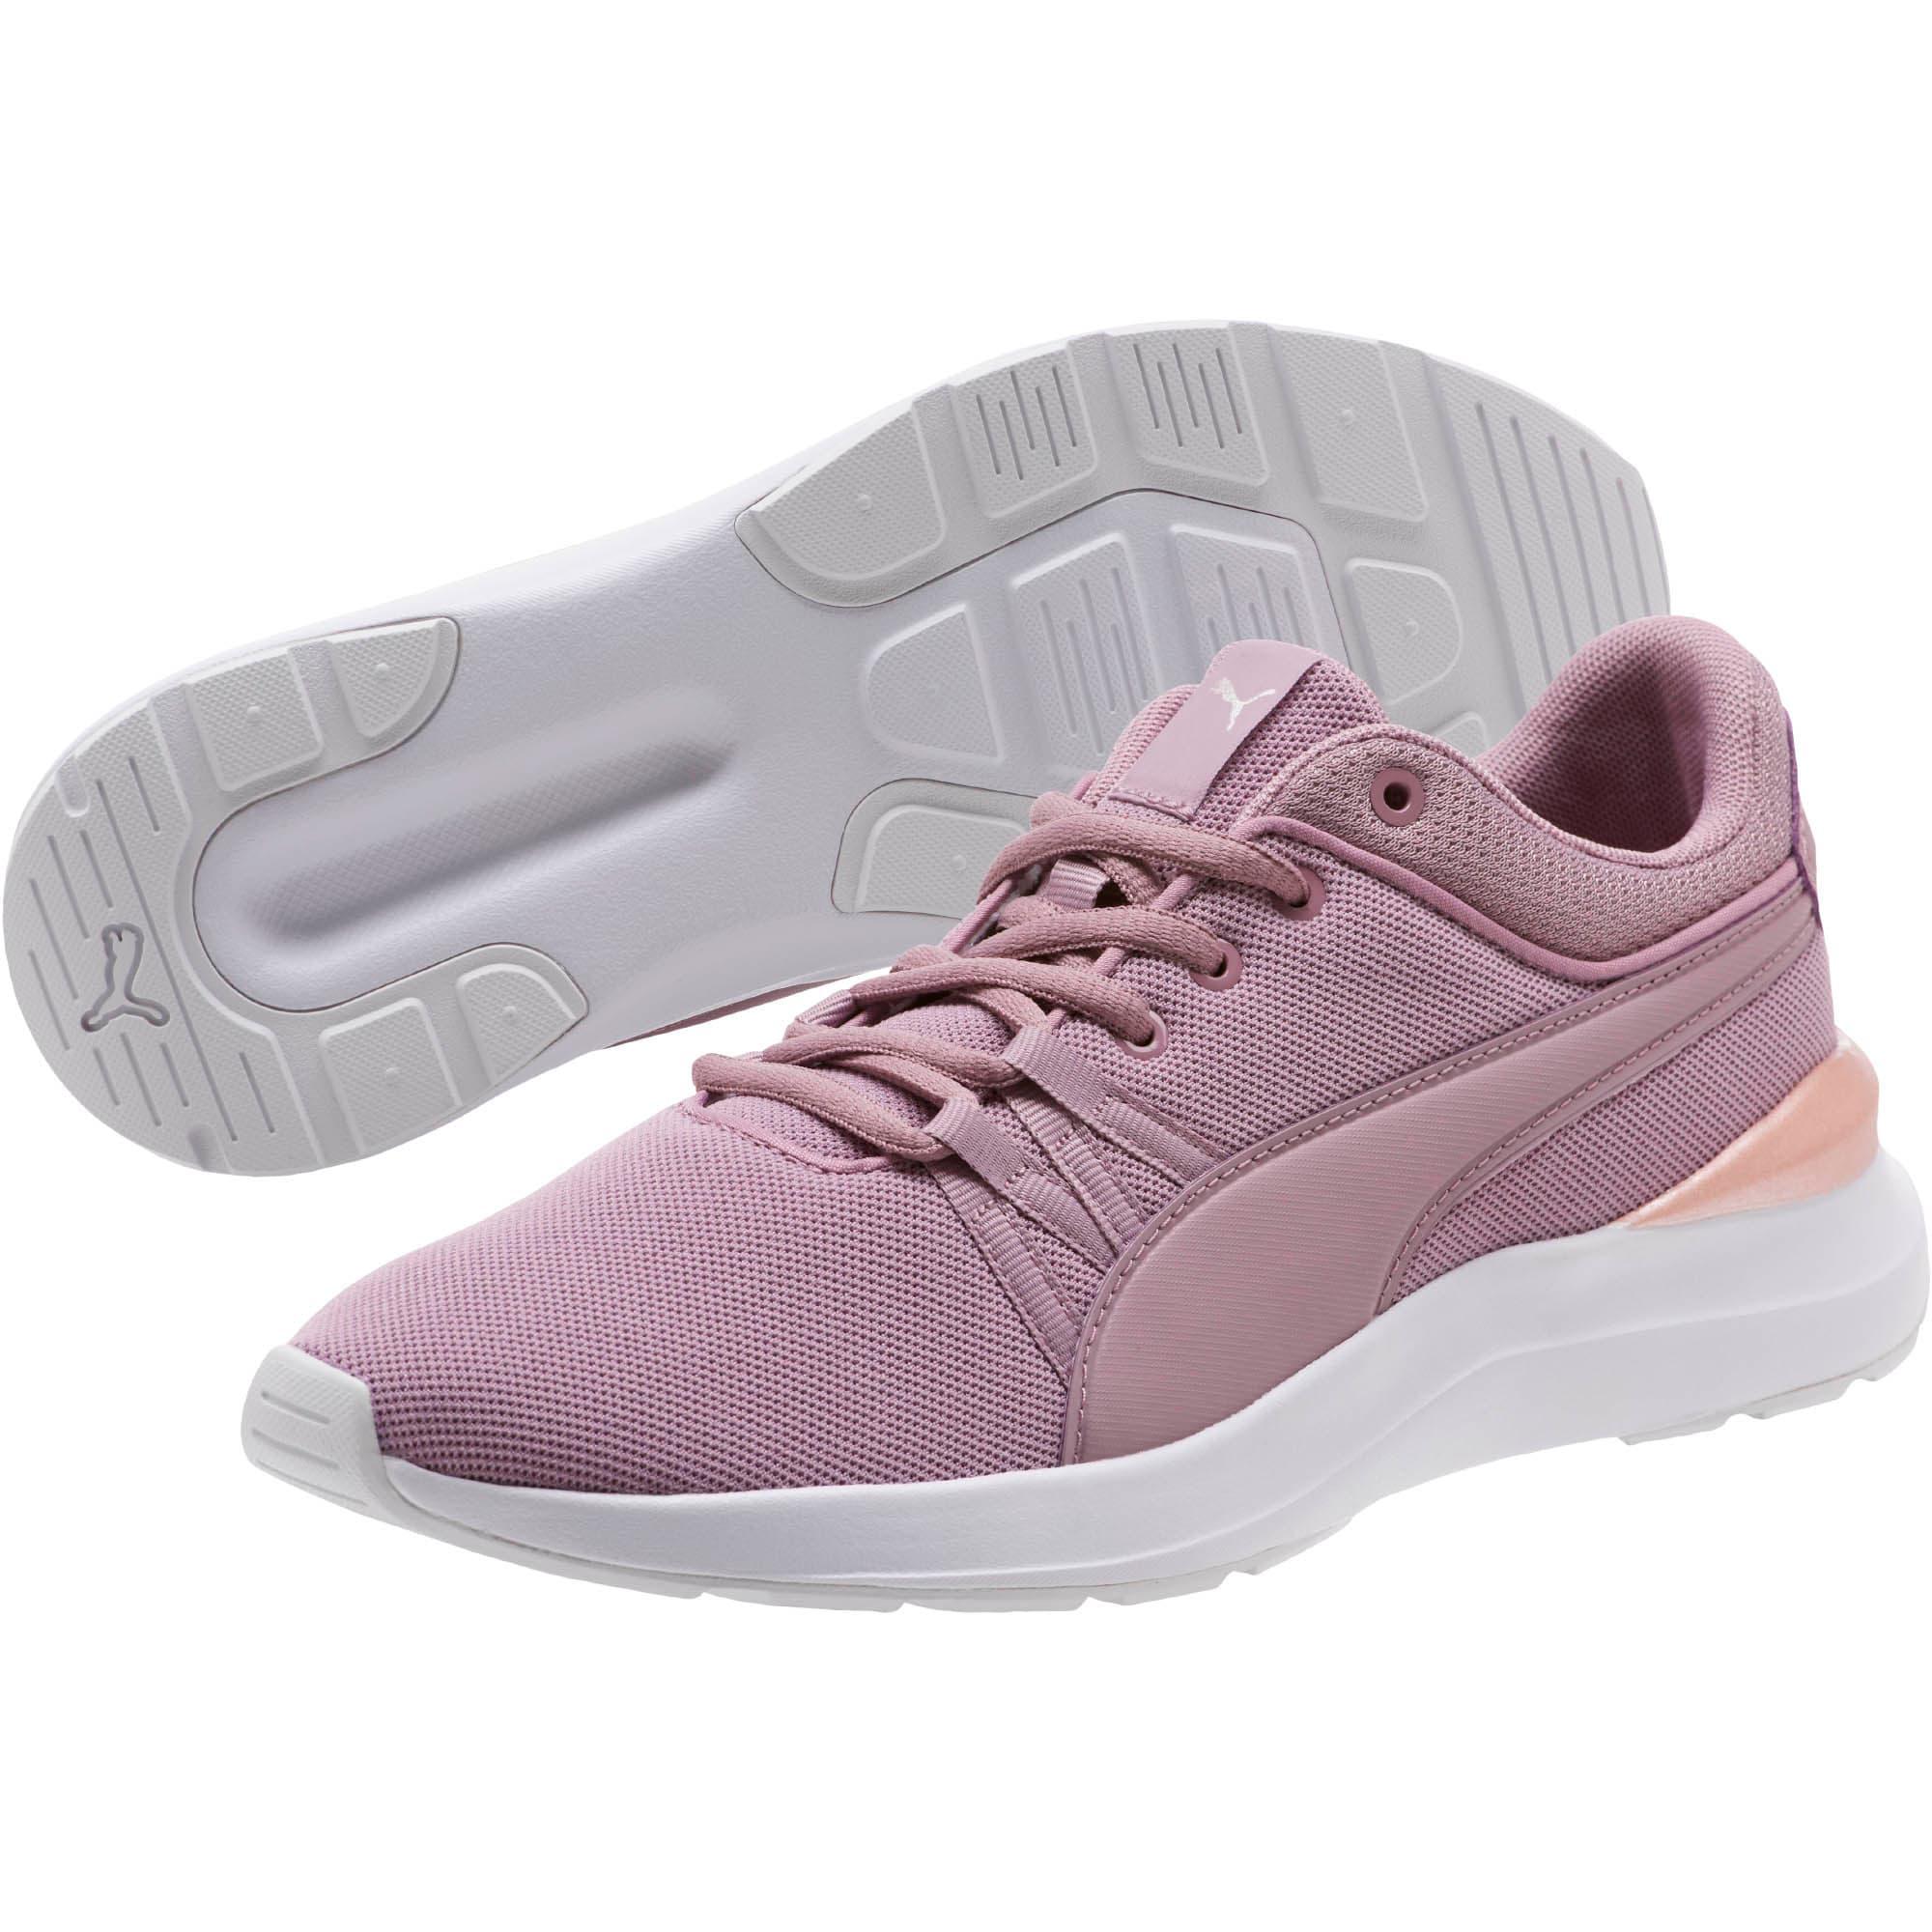 Thumbnail 2 of Adela Mesh Women's Sneakers, Elderberry-Rose Gold, medium